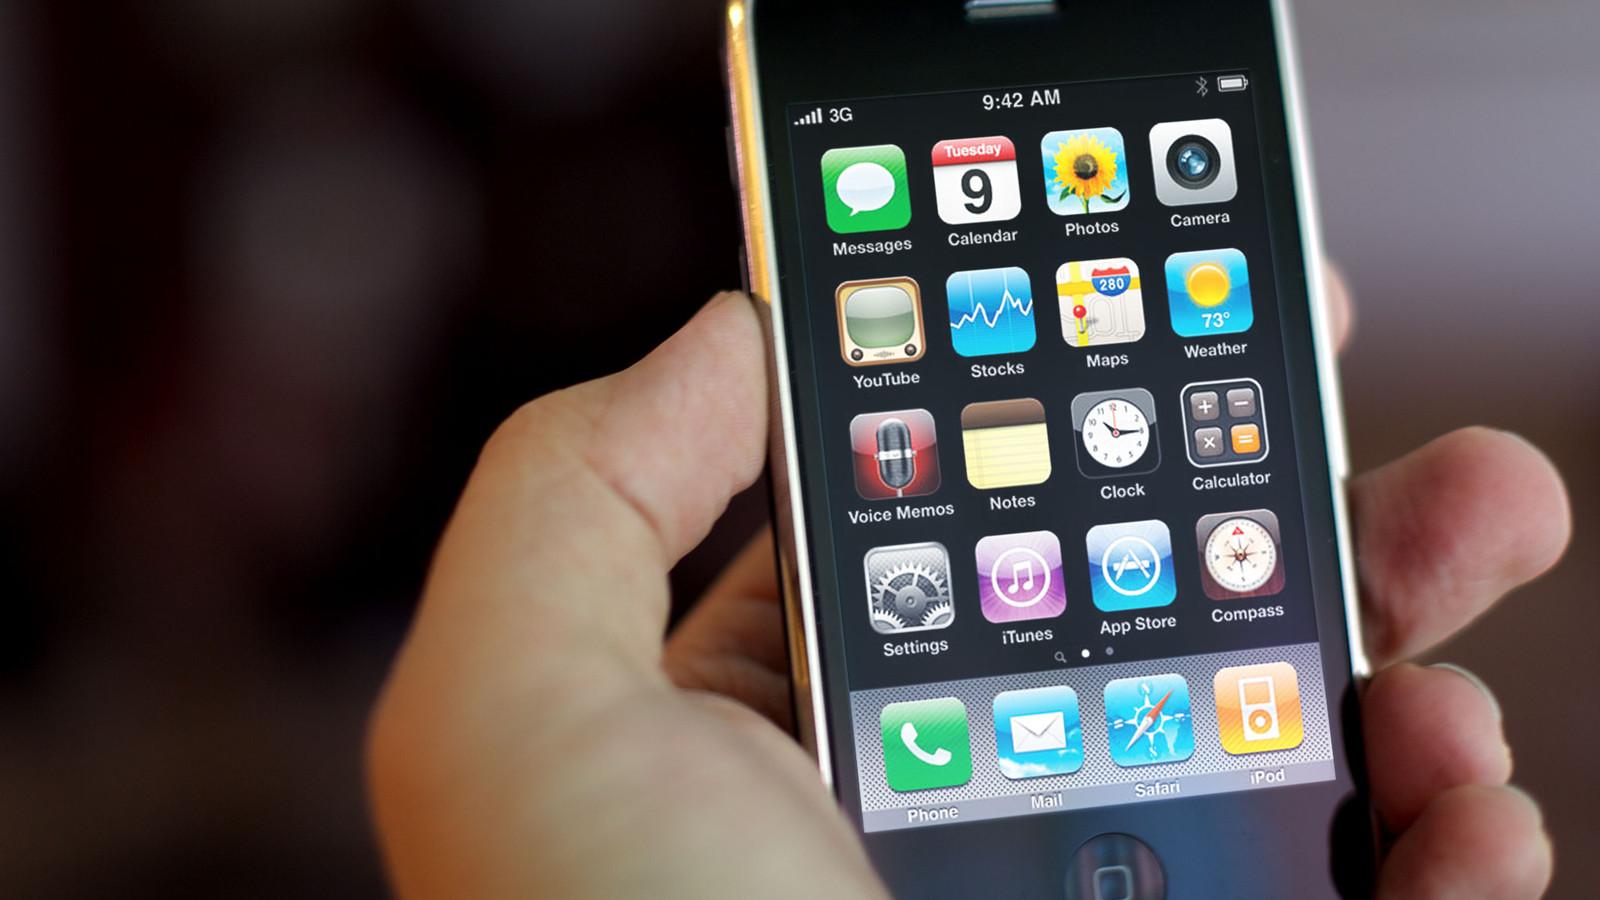 گوشی های جدید در انتظار چه تکنولوژی هایی هستند؟